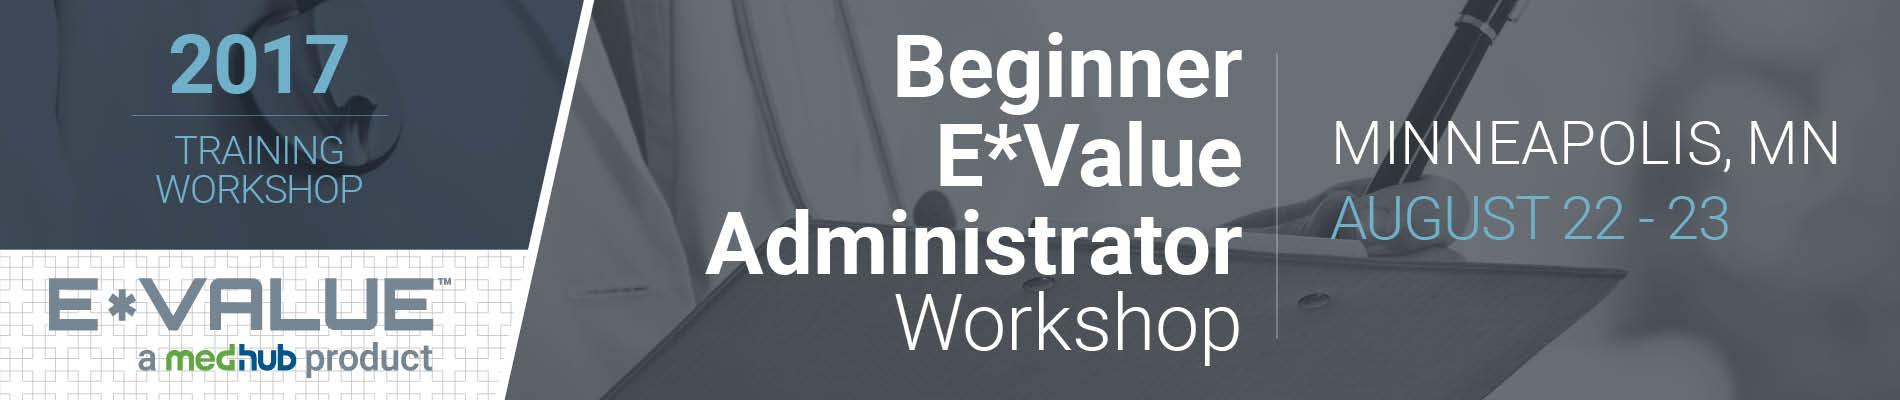 Beginner E*Value Administrator Workshop (Aug 22-23)